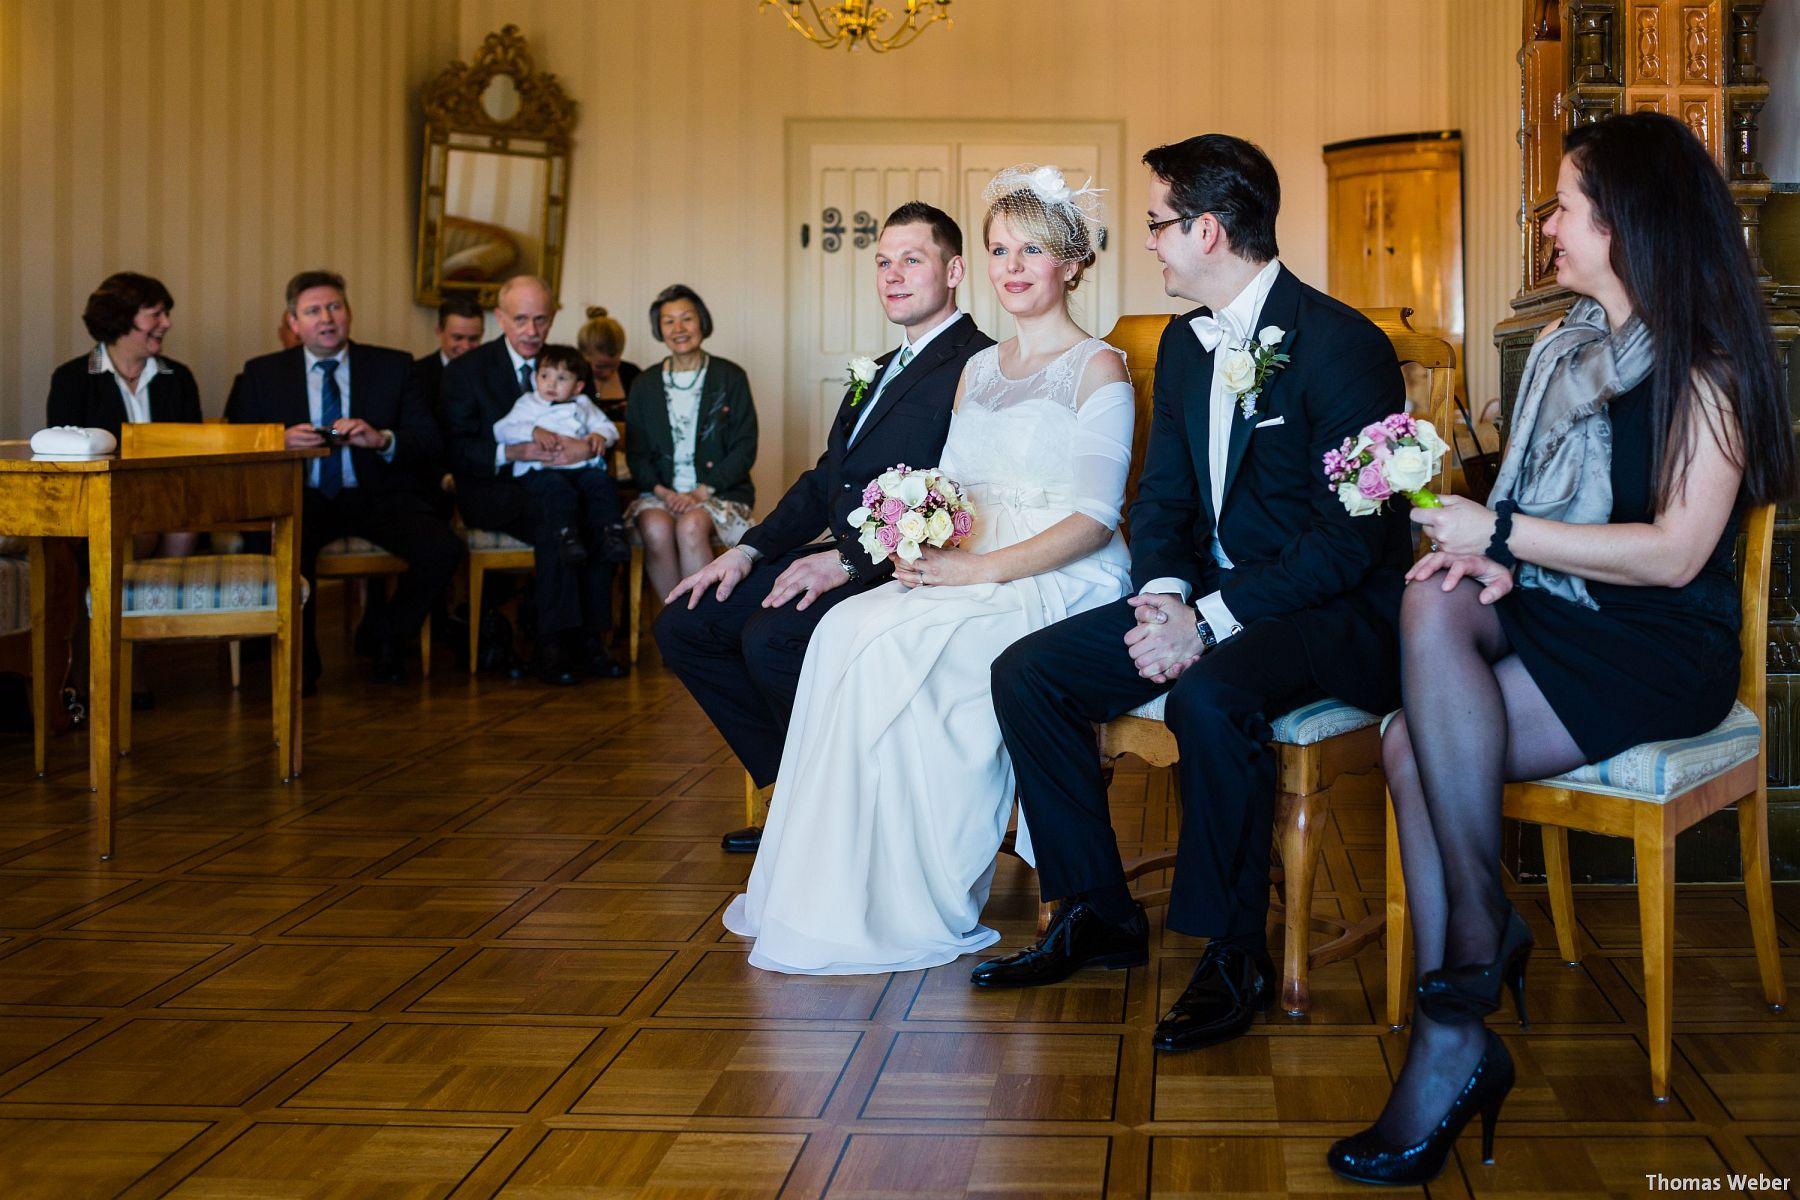 Hochzeitsfotograf Goslar: Standesamtliche Trauung in der Kaiserpfalz in Goslar (Harz) (17)